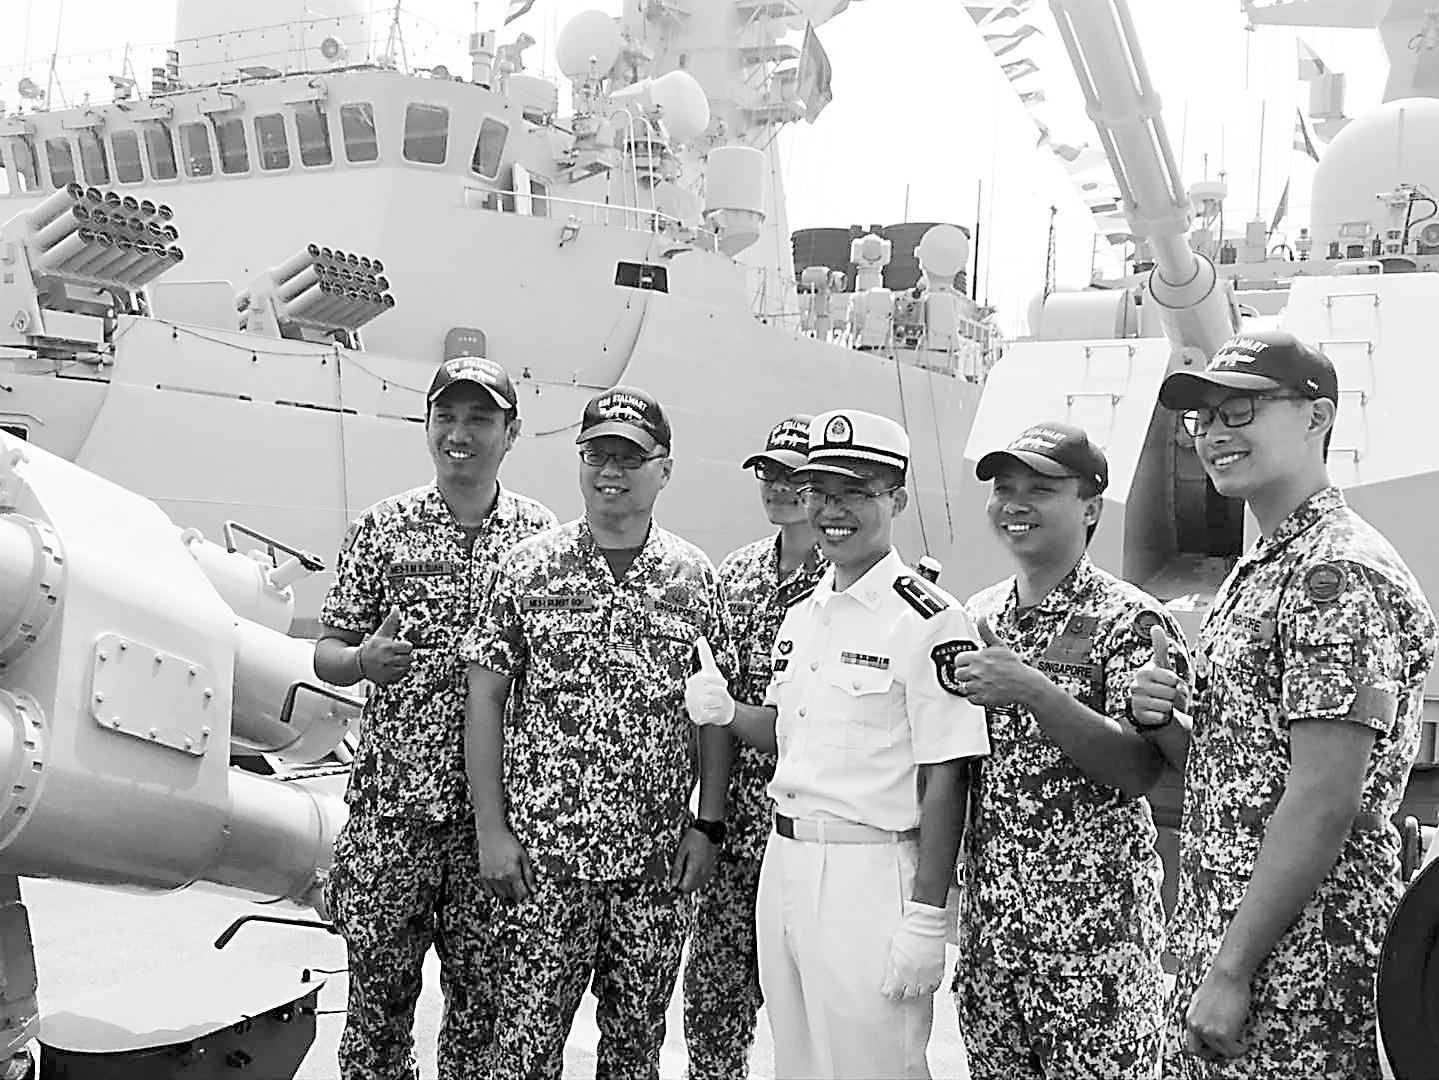 在南海演习场看中外军人互动 中国和东盟关系提质升级